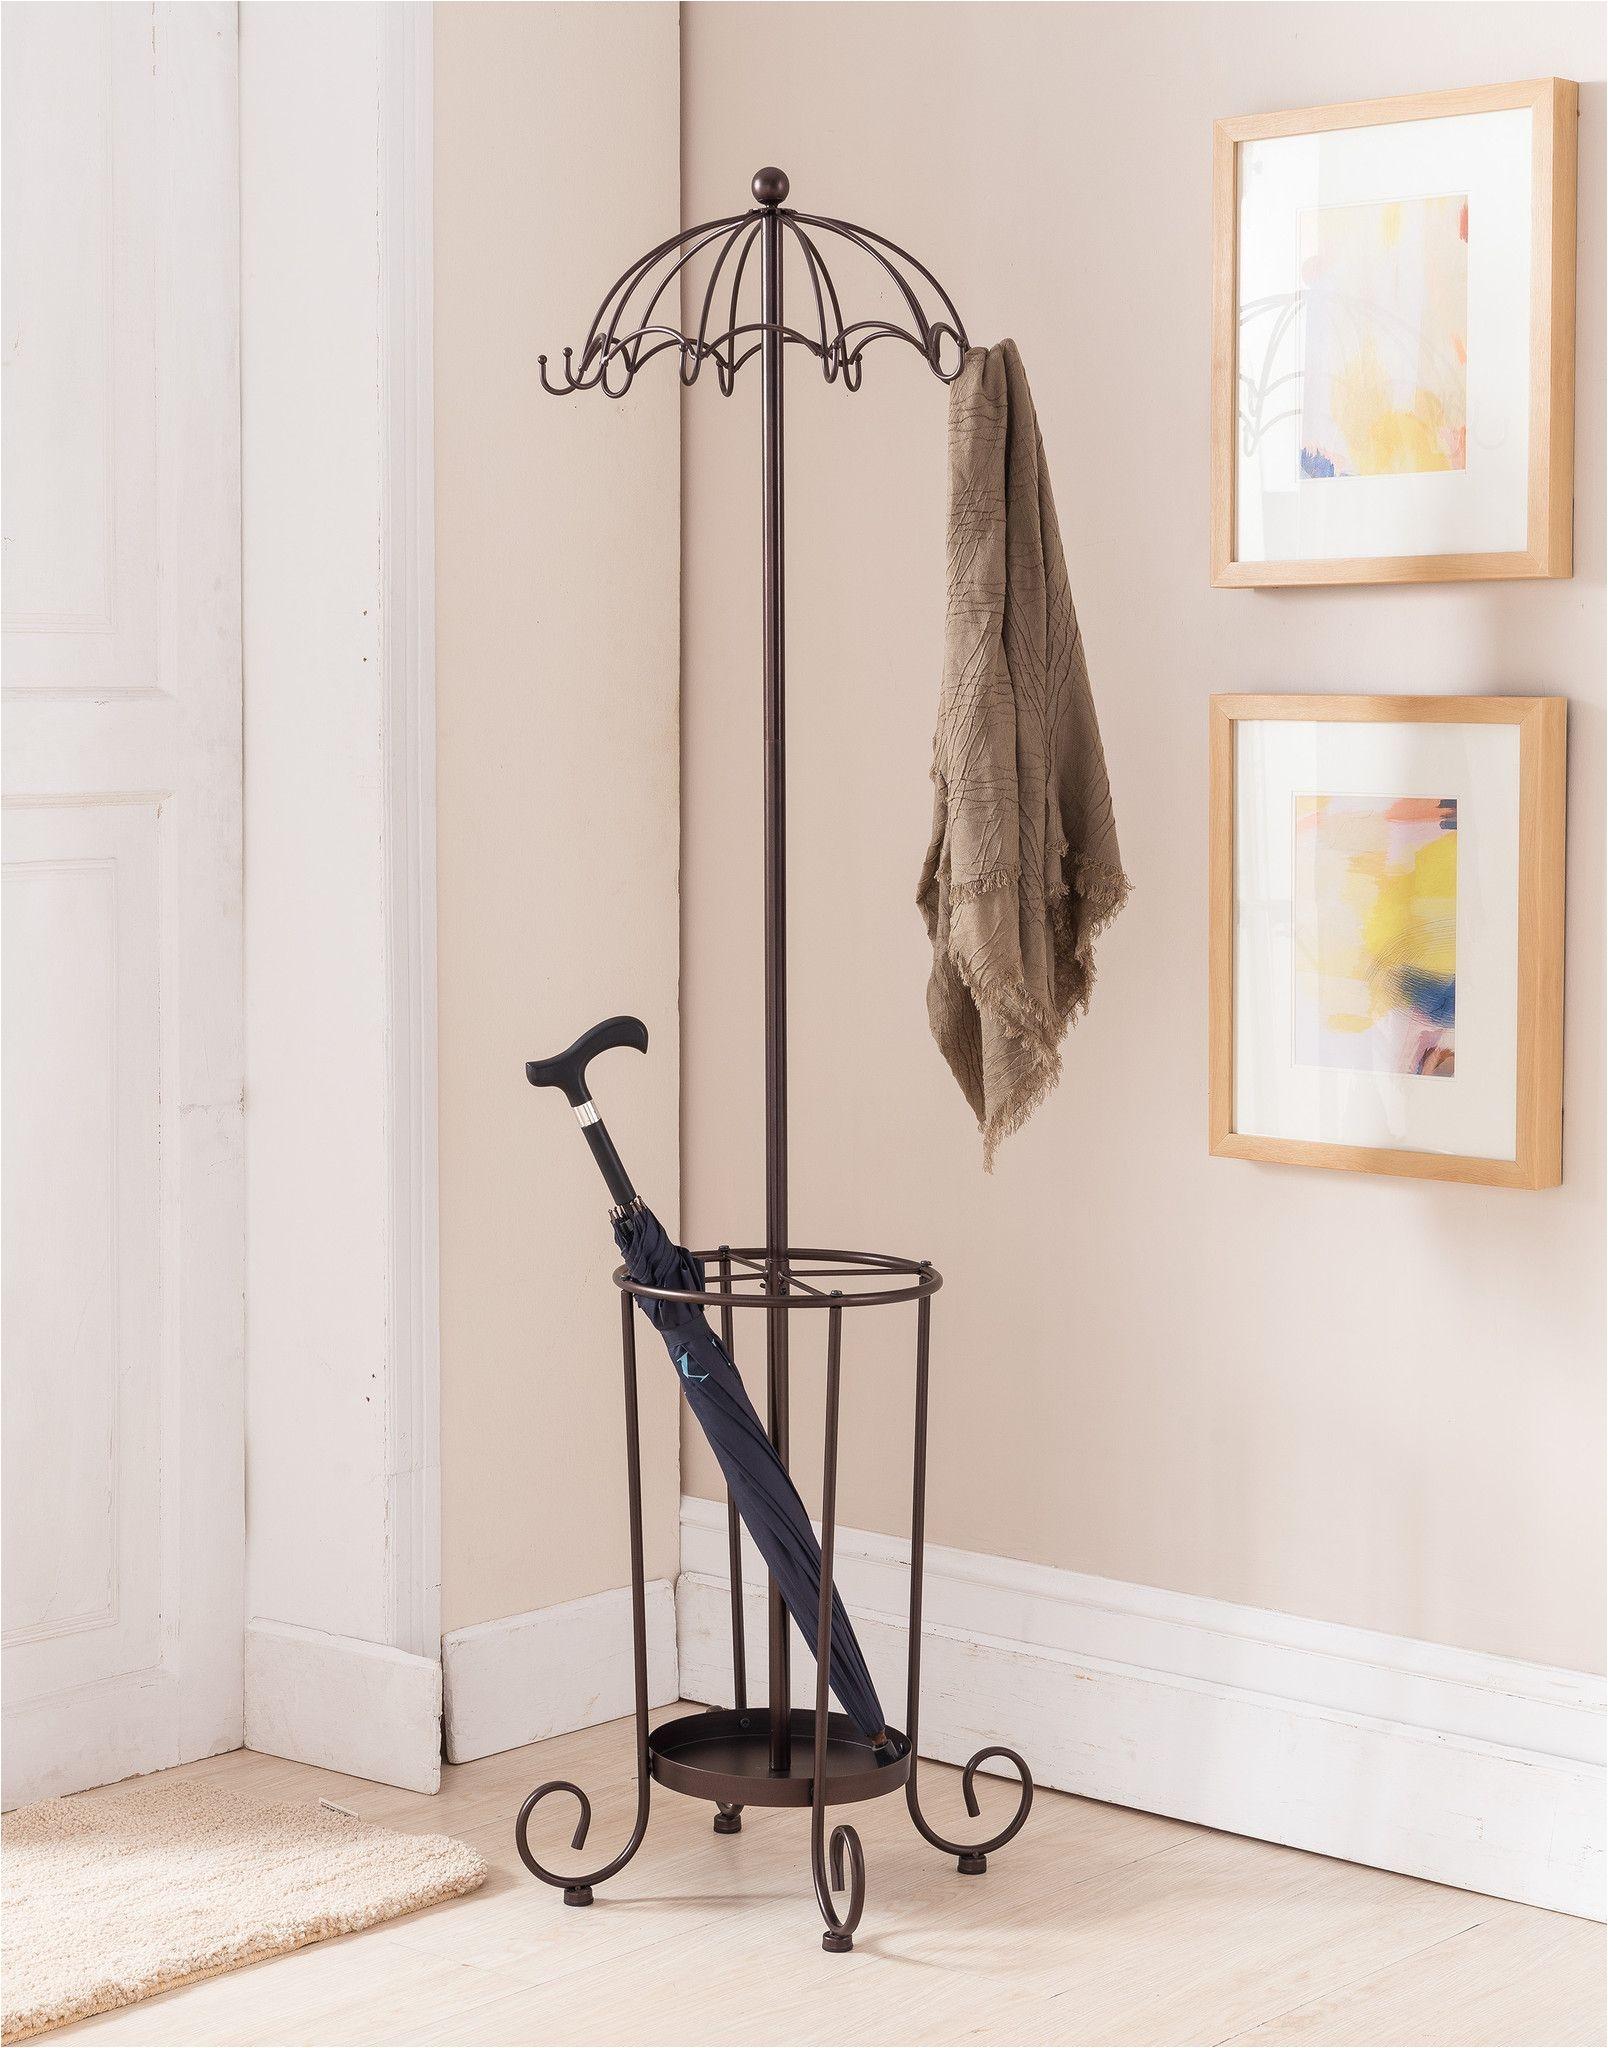 Target Hat Rack Stand Metal Bronze Traditional Umbrella Style 10 Hook Hat Coat Rack